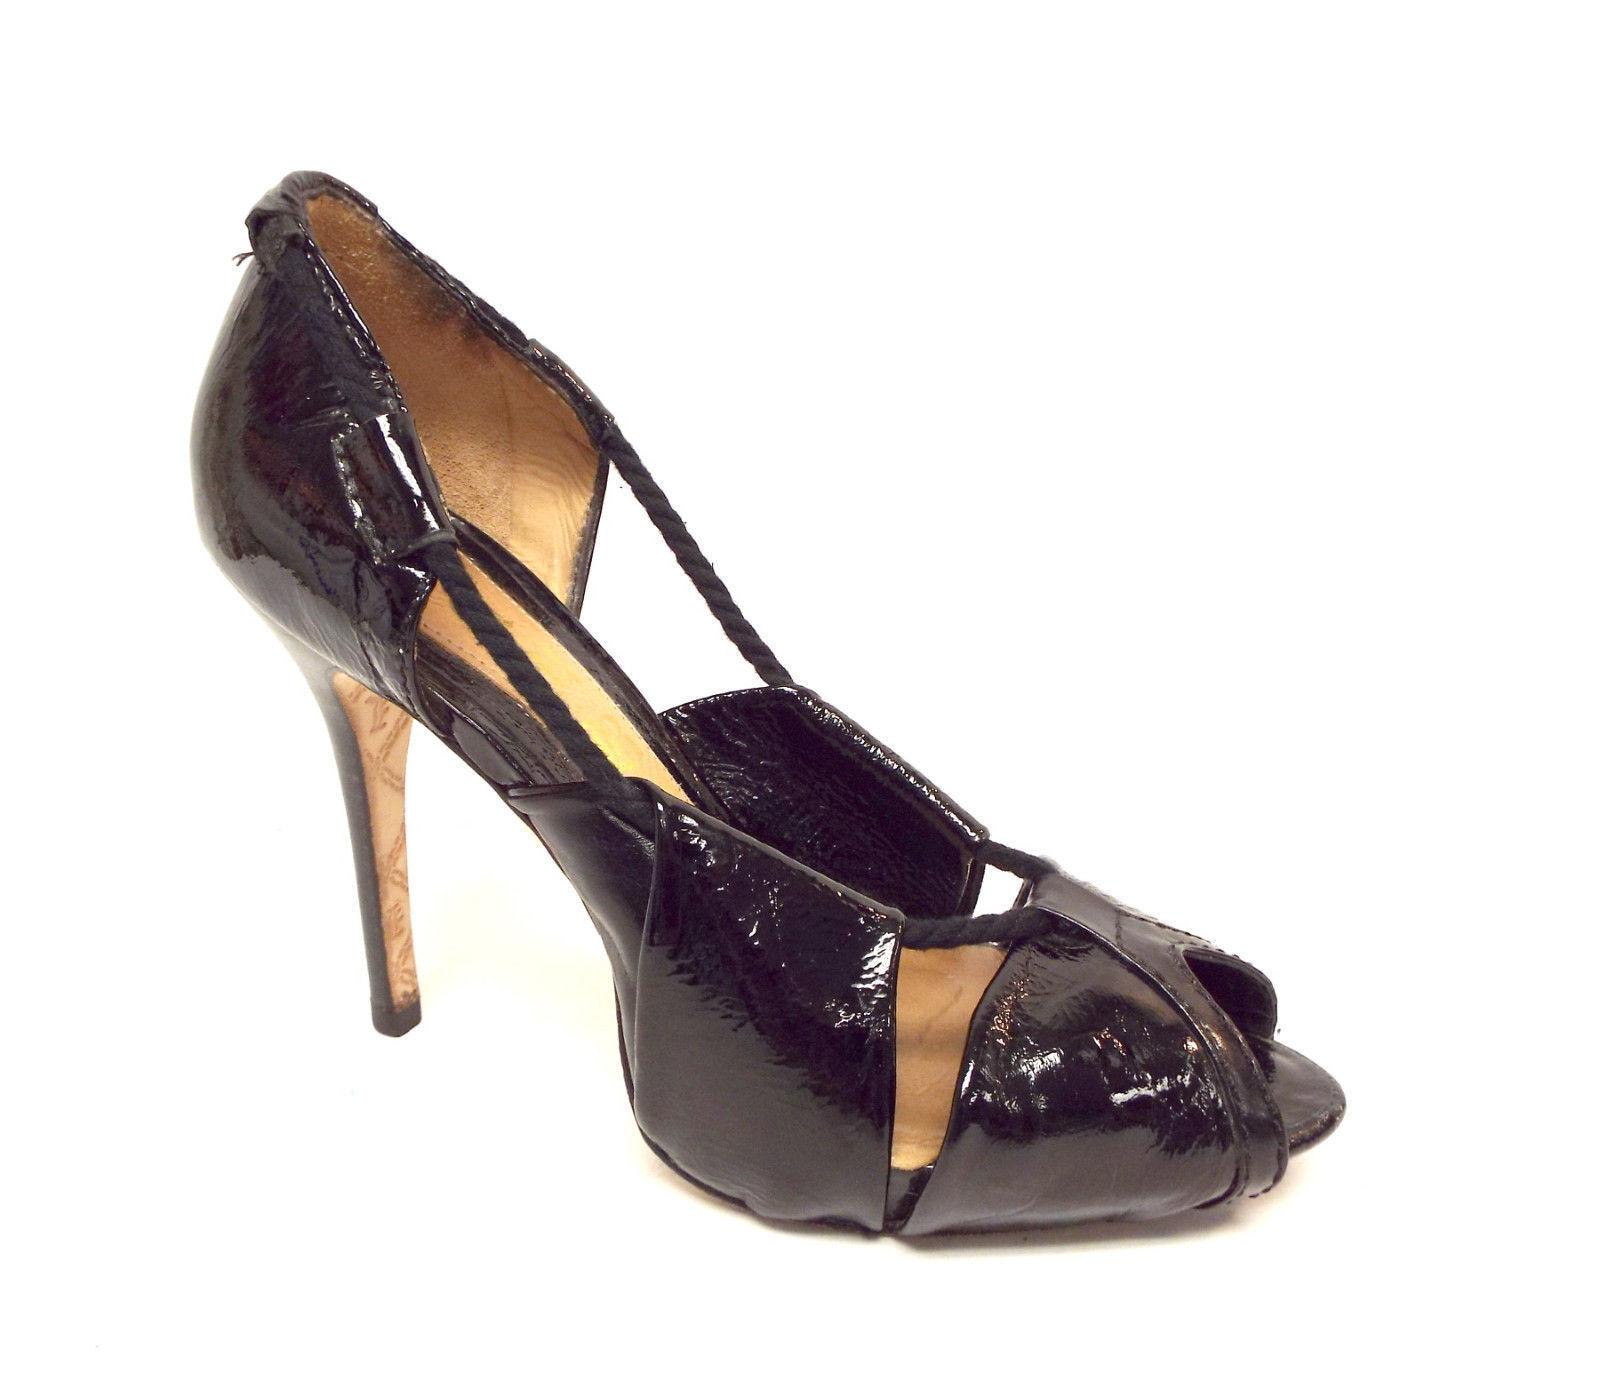 L.A.M.B. schwarz Leder schuhe. Günstige und gute Schuhe